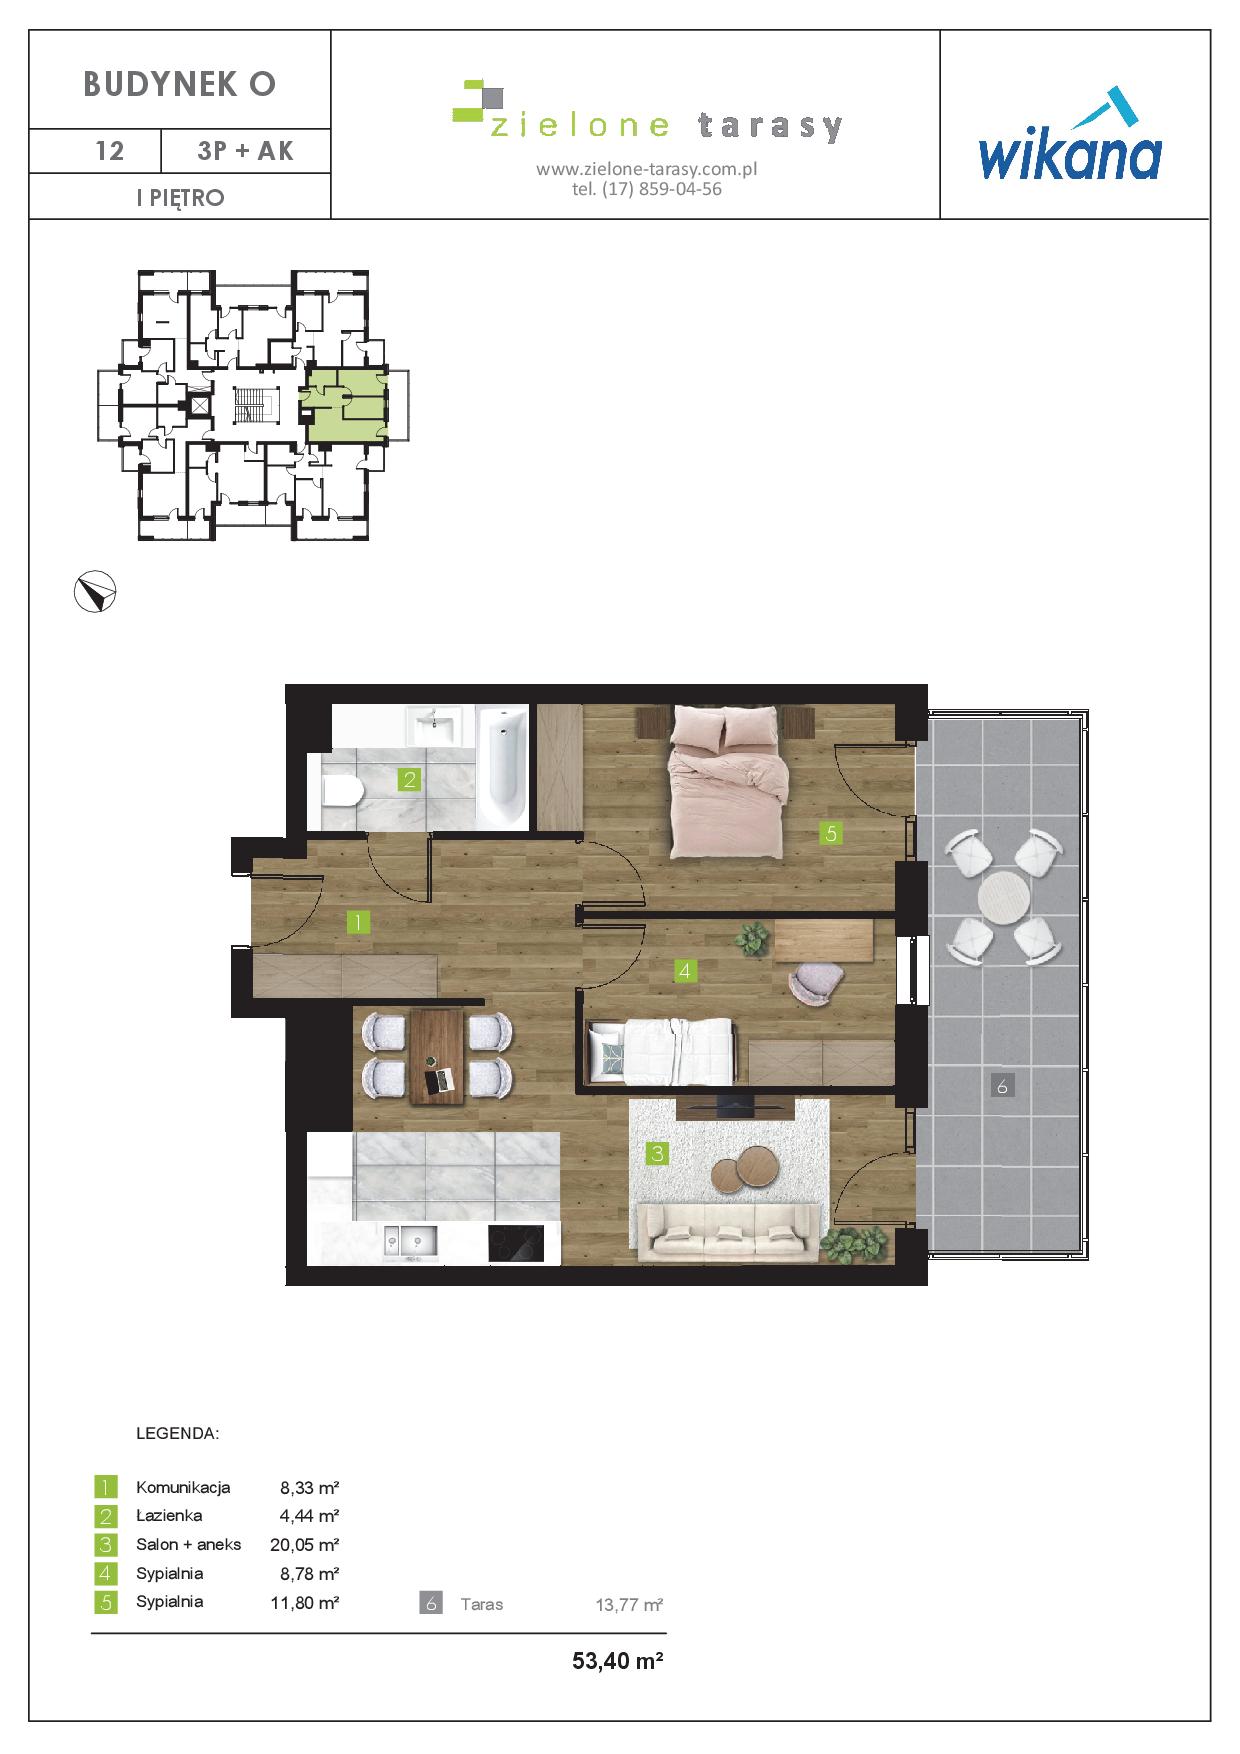 sprzedaż mieszkań rzeszów - O-12